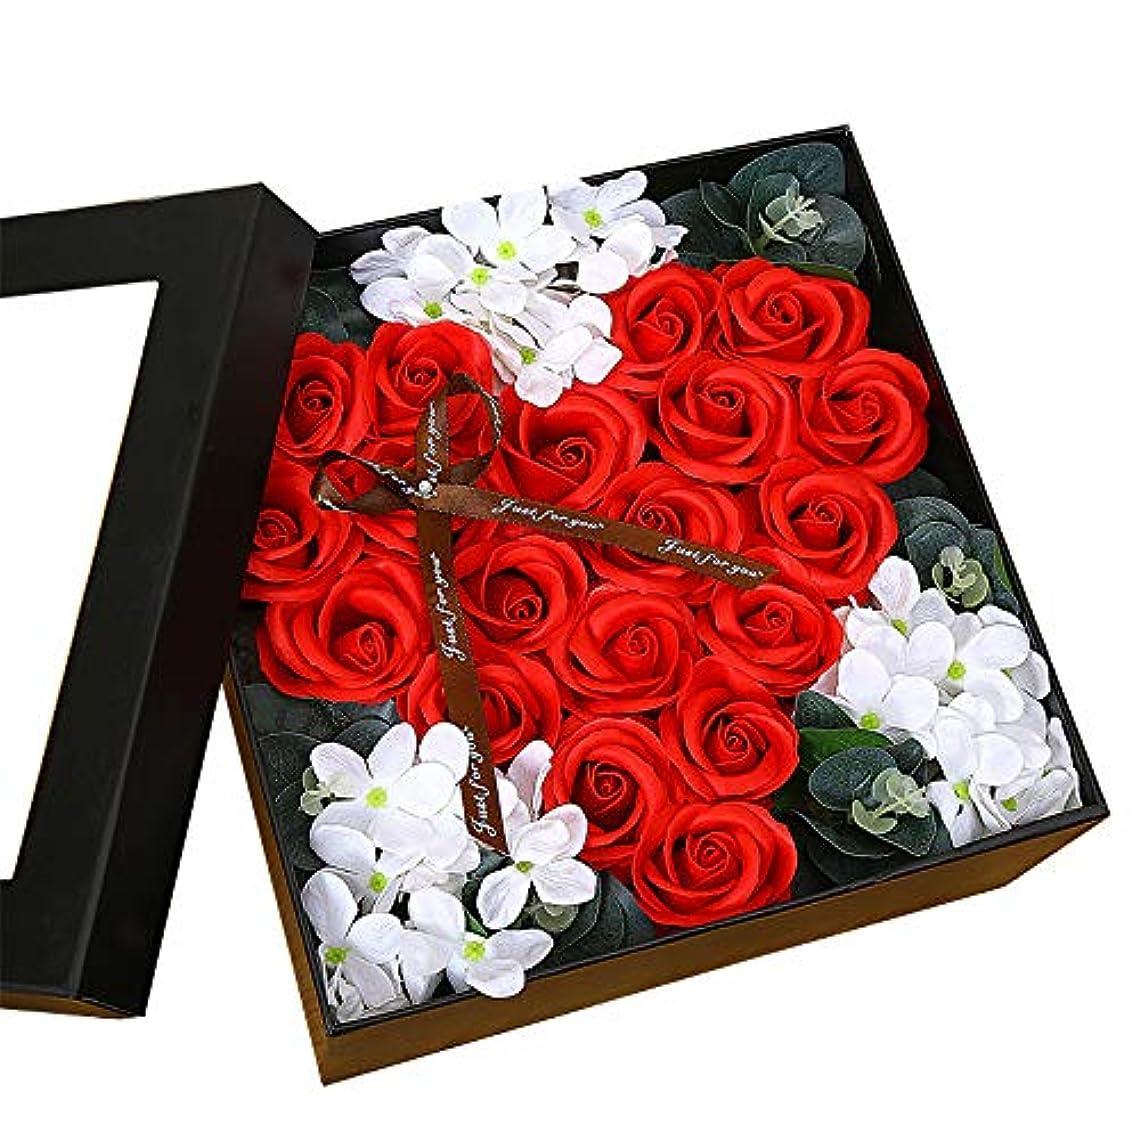 不快なジャンピングジャックチーター生地と花石鹸の花 ギフトソープフラワーローズフラワーバレンタインデーのために不可欠ガールフレンド記念日誕生日母の日 (色 : Red square box)